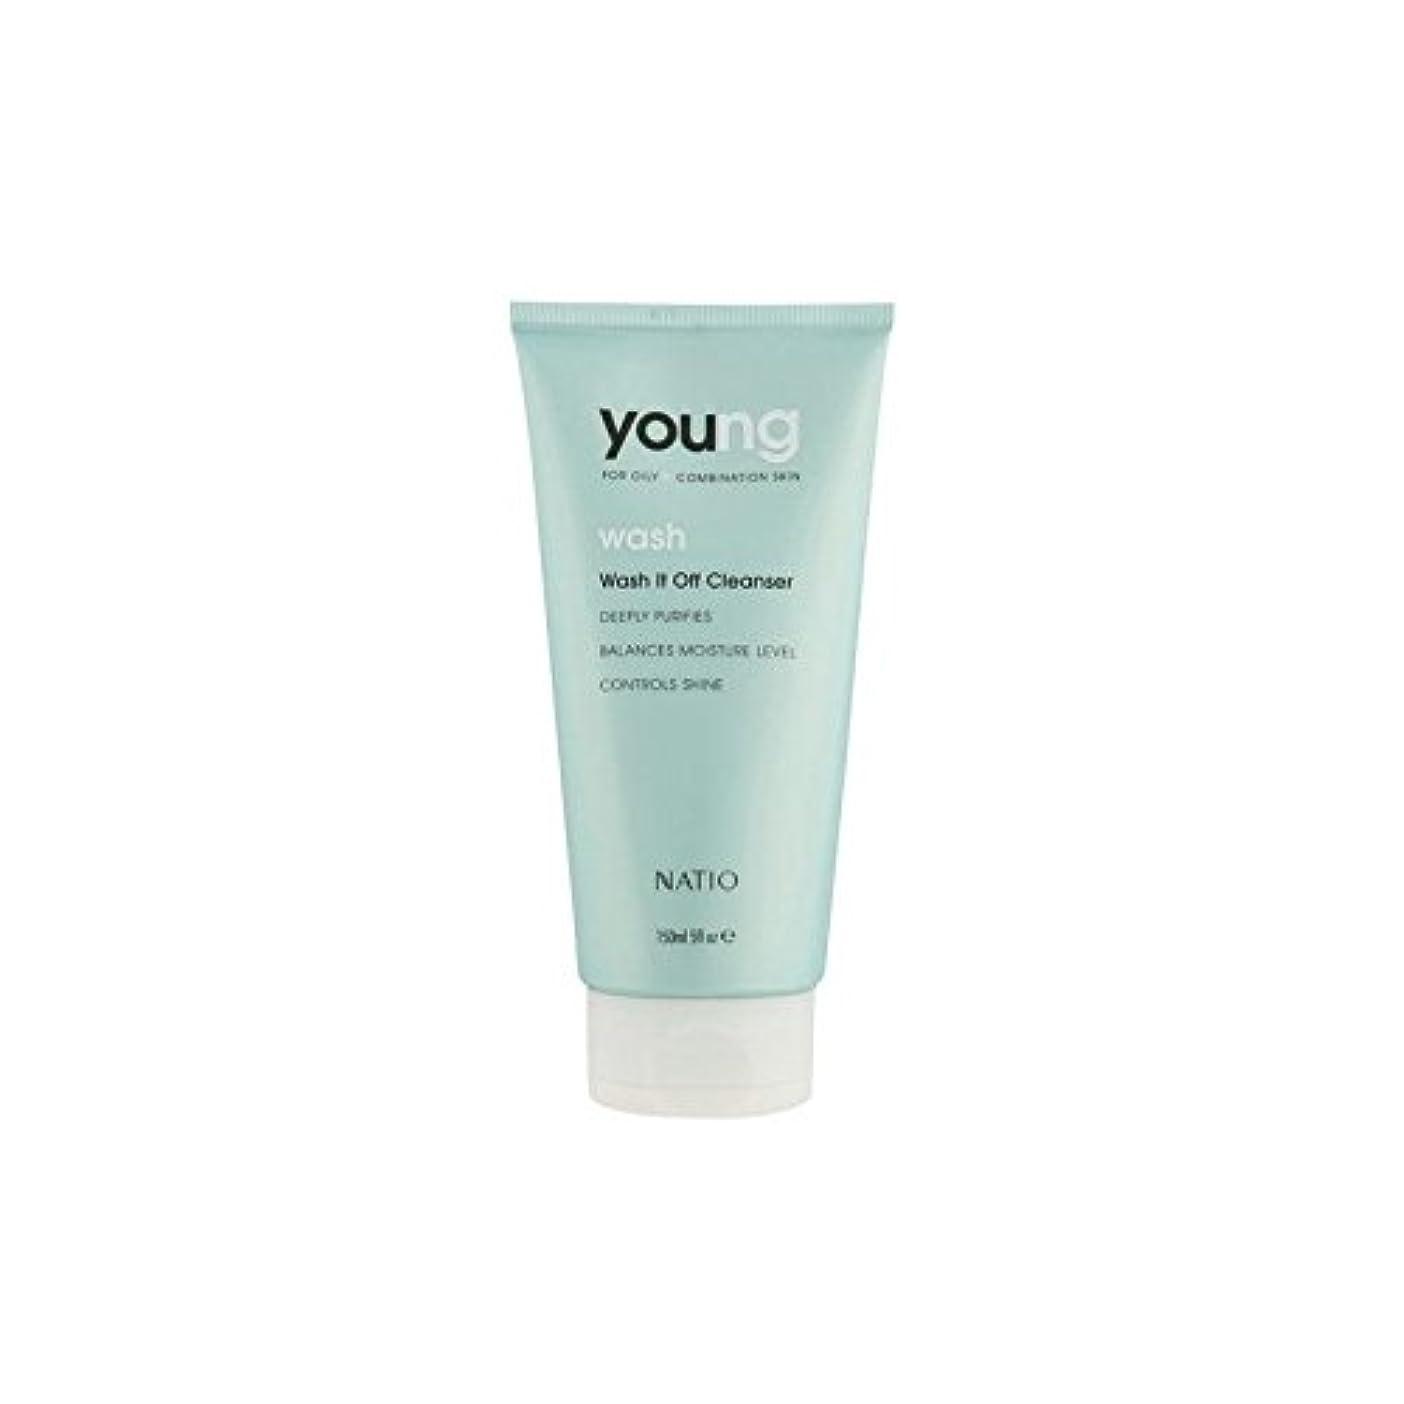 腹フレームワークブレーキ若いウォッシュそれオフクレンザー(150ミリリットル) x4 - Natio Young Wash It Off Cleanser (150ml) (Pack of 4) [並行輸入品]